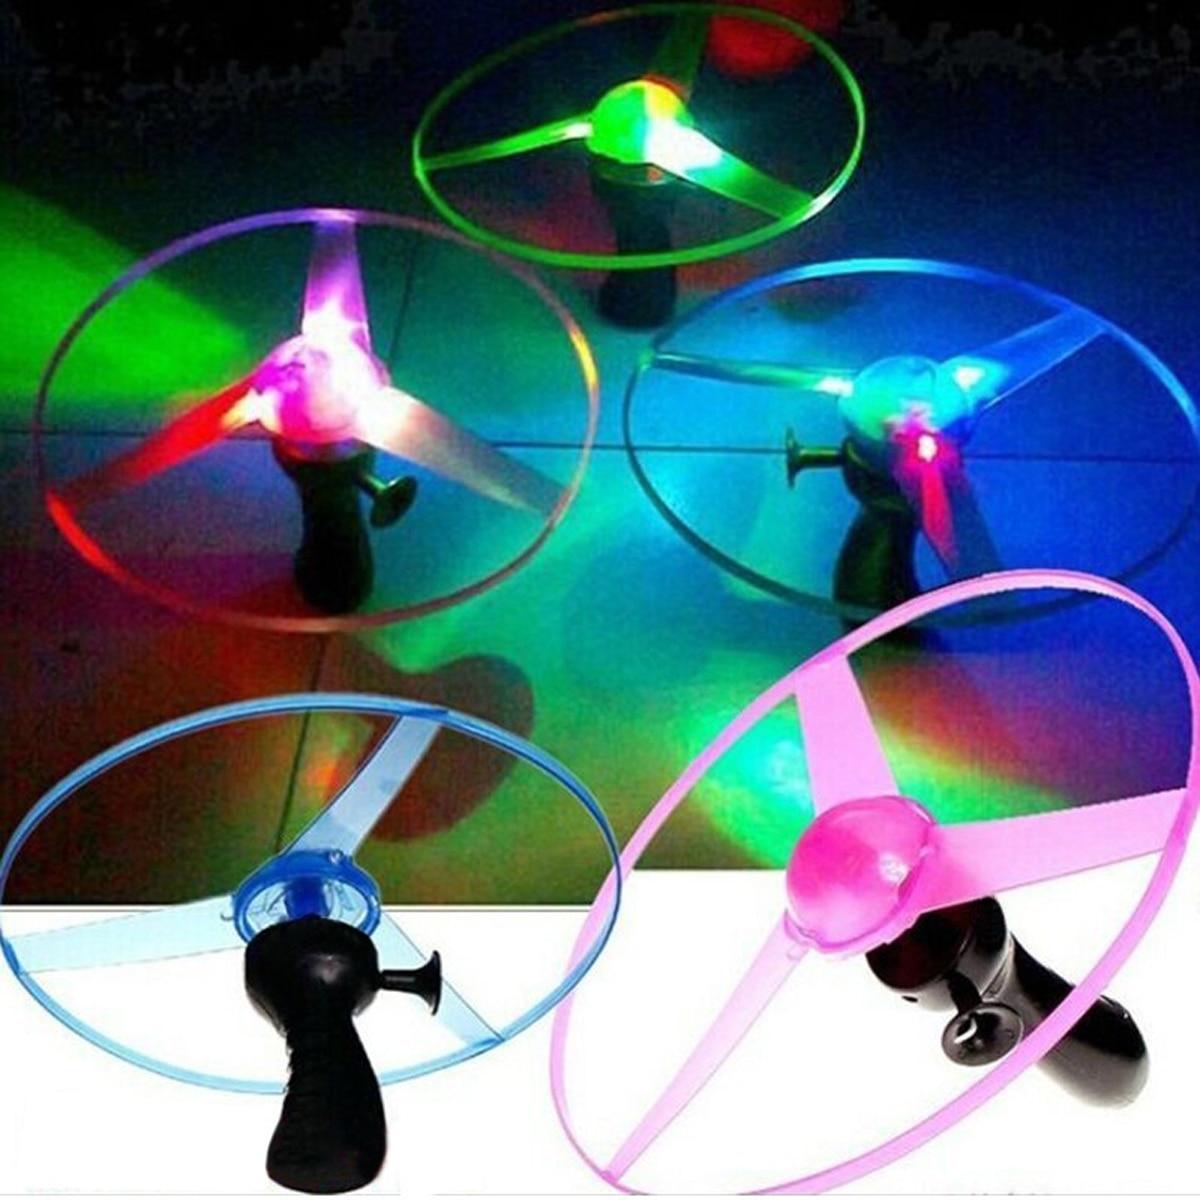 2017 de haute qualité 1pcs vert / bleu couleur aléatoire rotation LED clignotant lumière hélicoptère soucoupe volante UFO Kid Outdoor Toy